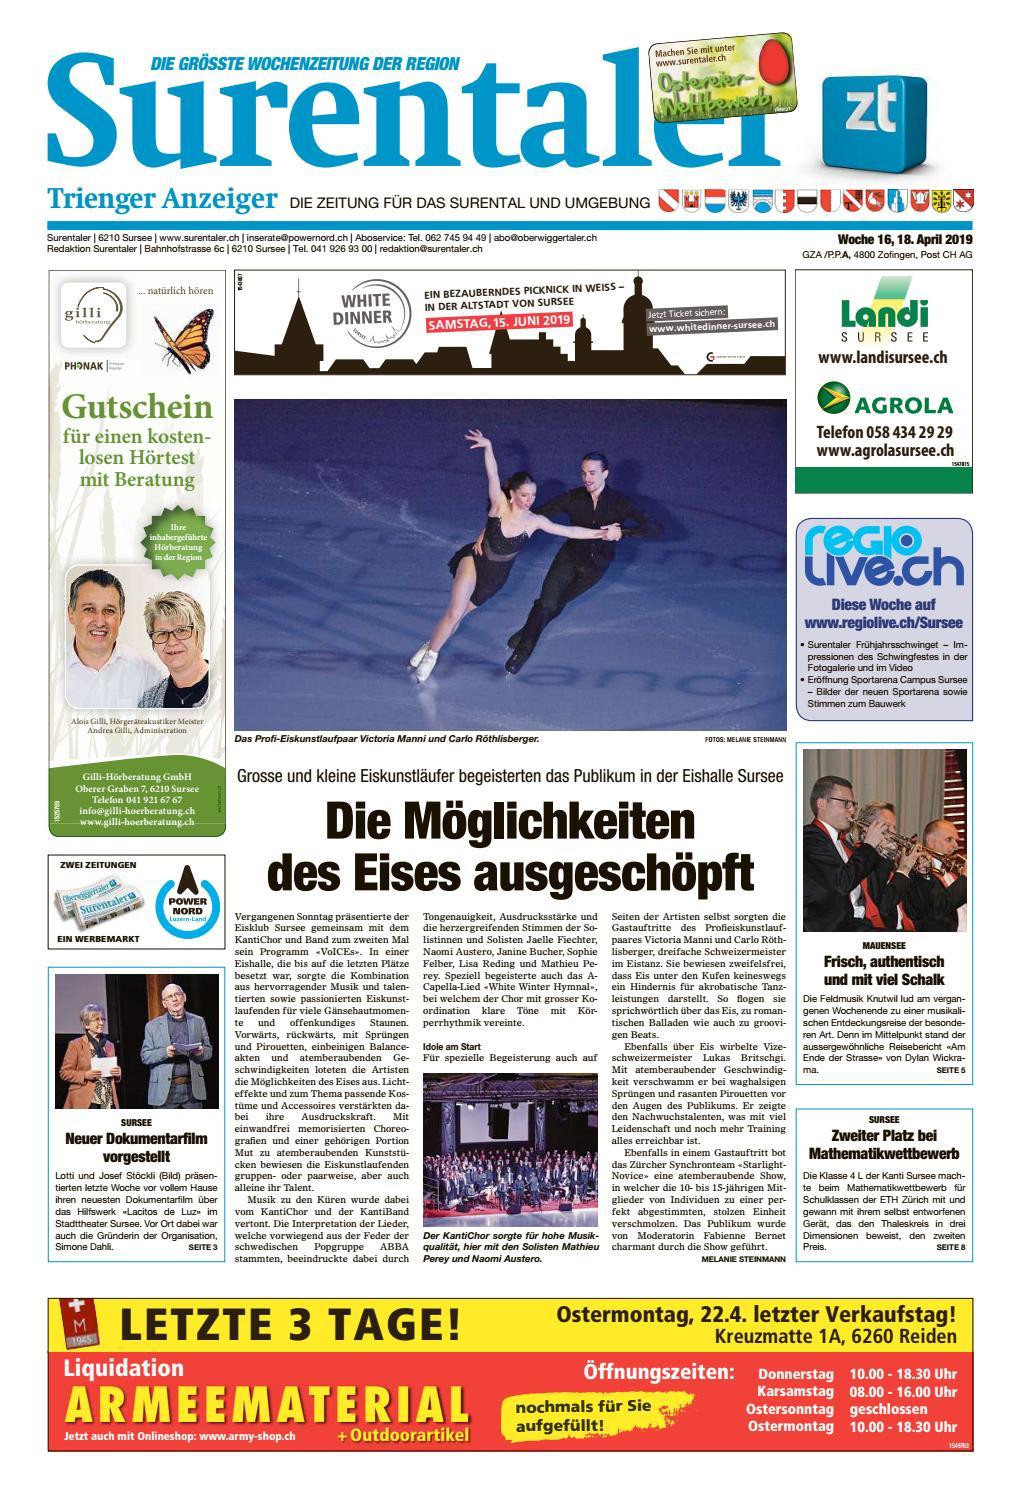 Kontakt Mai mxmbers.com - Gemeinde Schenkon